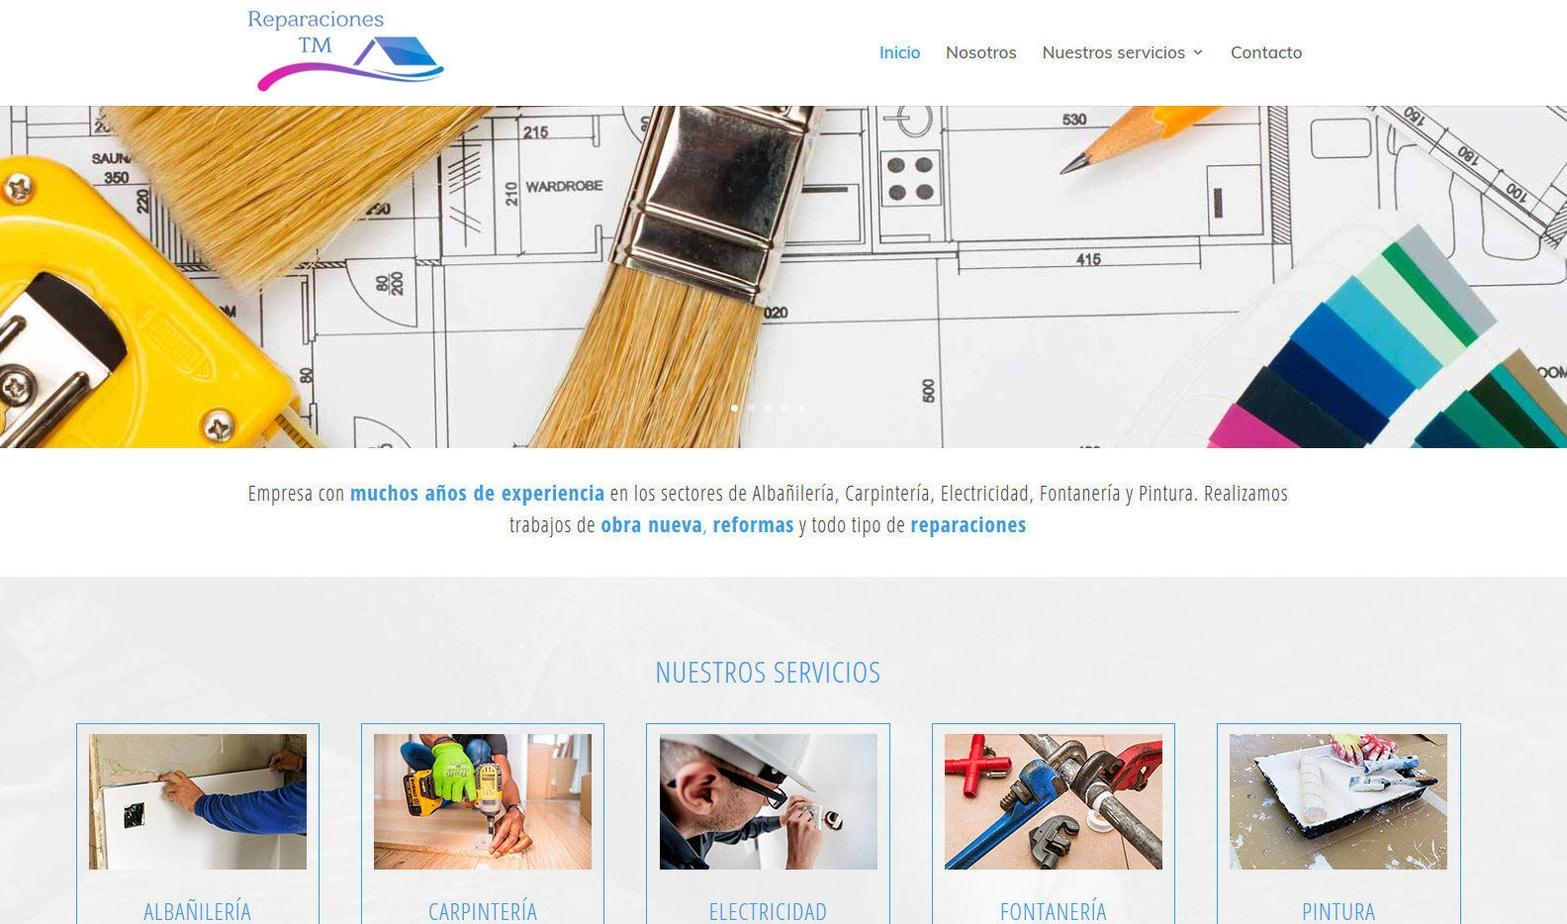 pagina web manitasyreformas reparaciones